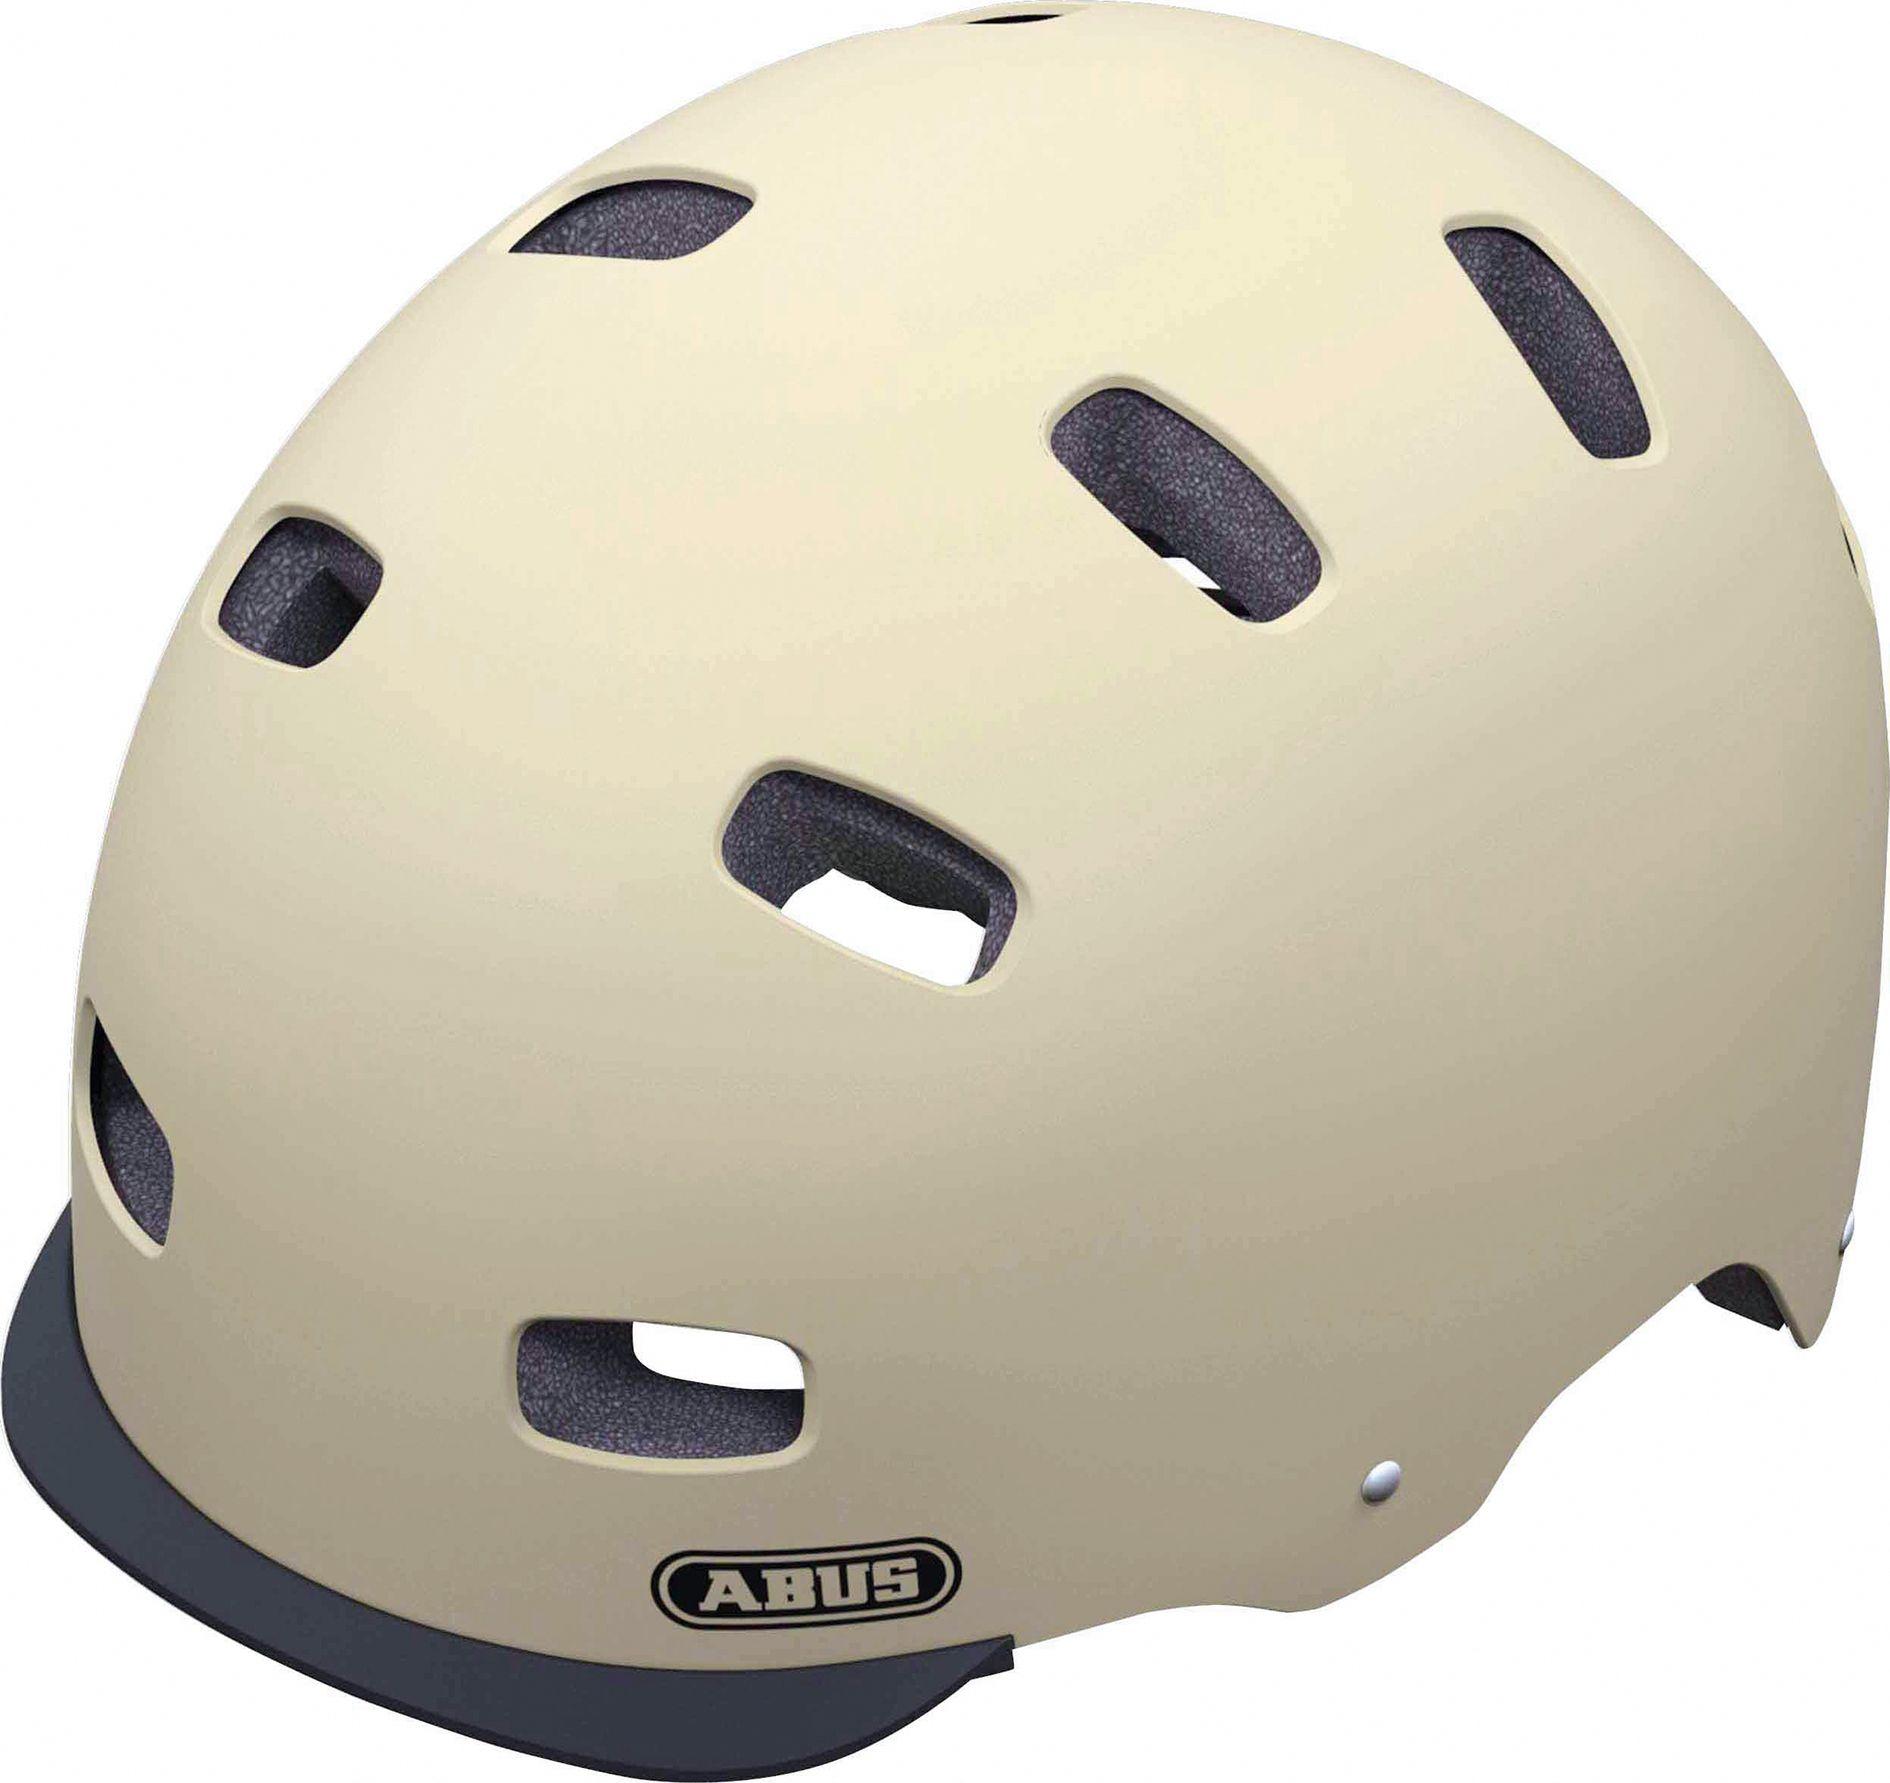 Scraper Beige ABUS ciclismo cascos cascosurbanos bicis